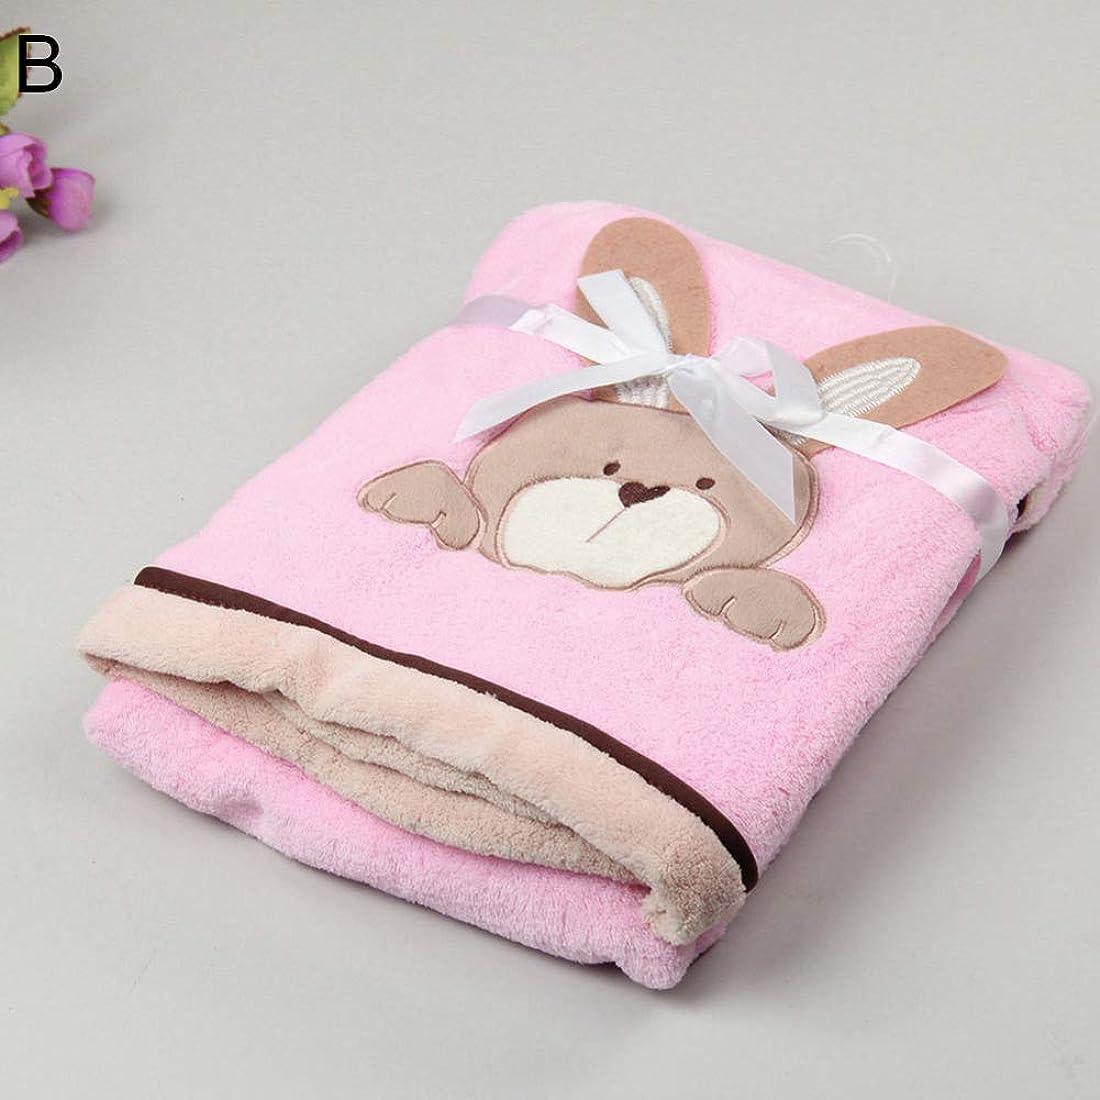 フェードアウト許可する件名毛布 赤ちゃん新生児 毛布 ベビーベッド ブランケット かわいい サンゴフリースエッジング ソフト ぬいぐるみ 女の子 男の子 暖かい ひざ掛け 冷房対策 軽い 柔らかい 防寒 通年使用 プレゼント ベビーカー用 B